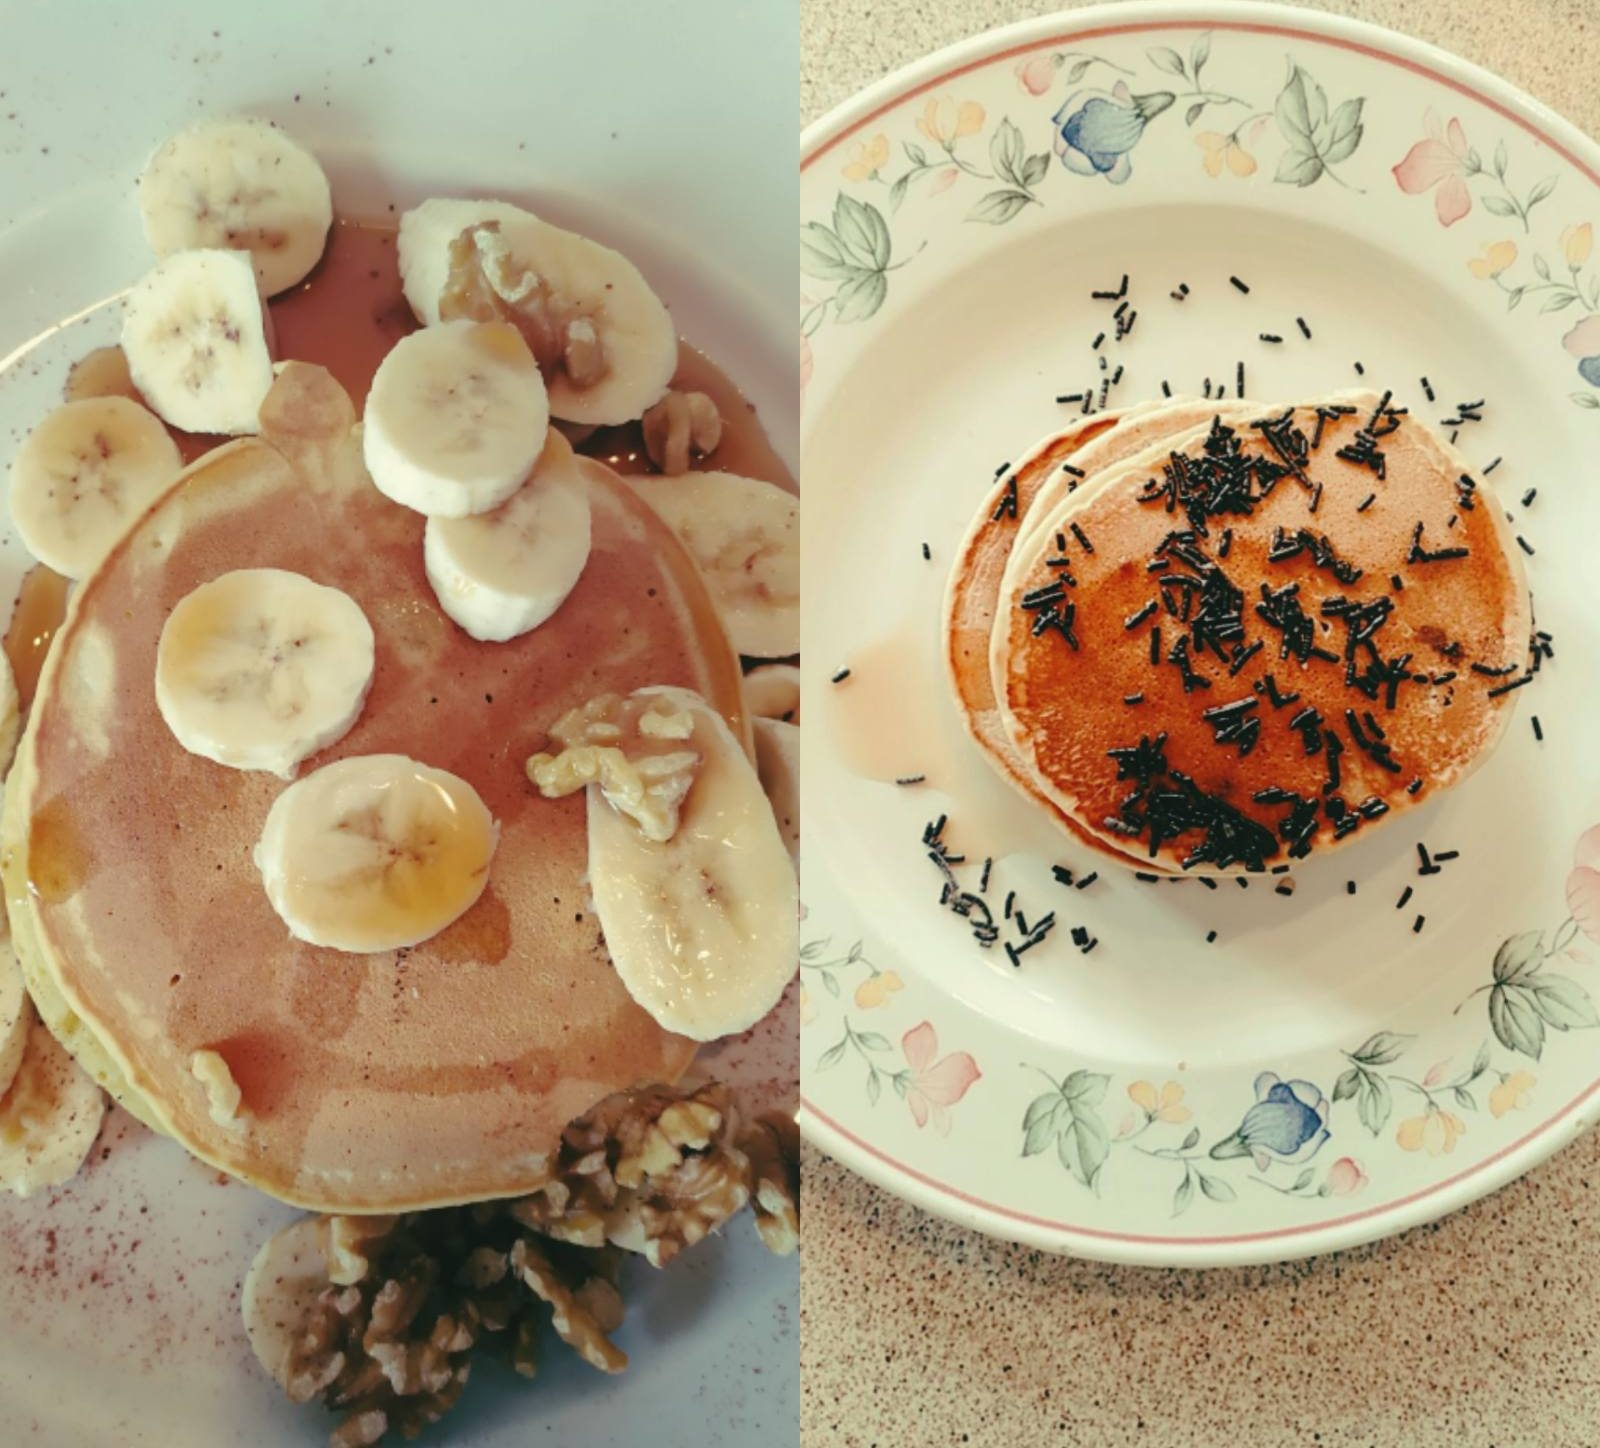 Γευστικά και πανεύκολα pancakes από την Τζένη Παναγοπούλου(vid) εκτέλεση